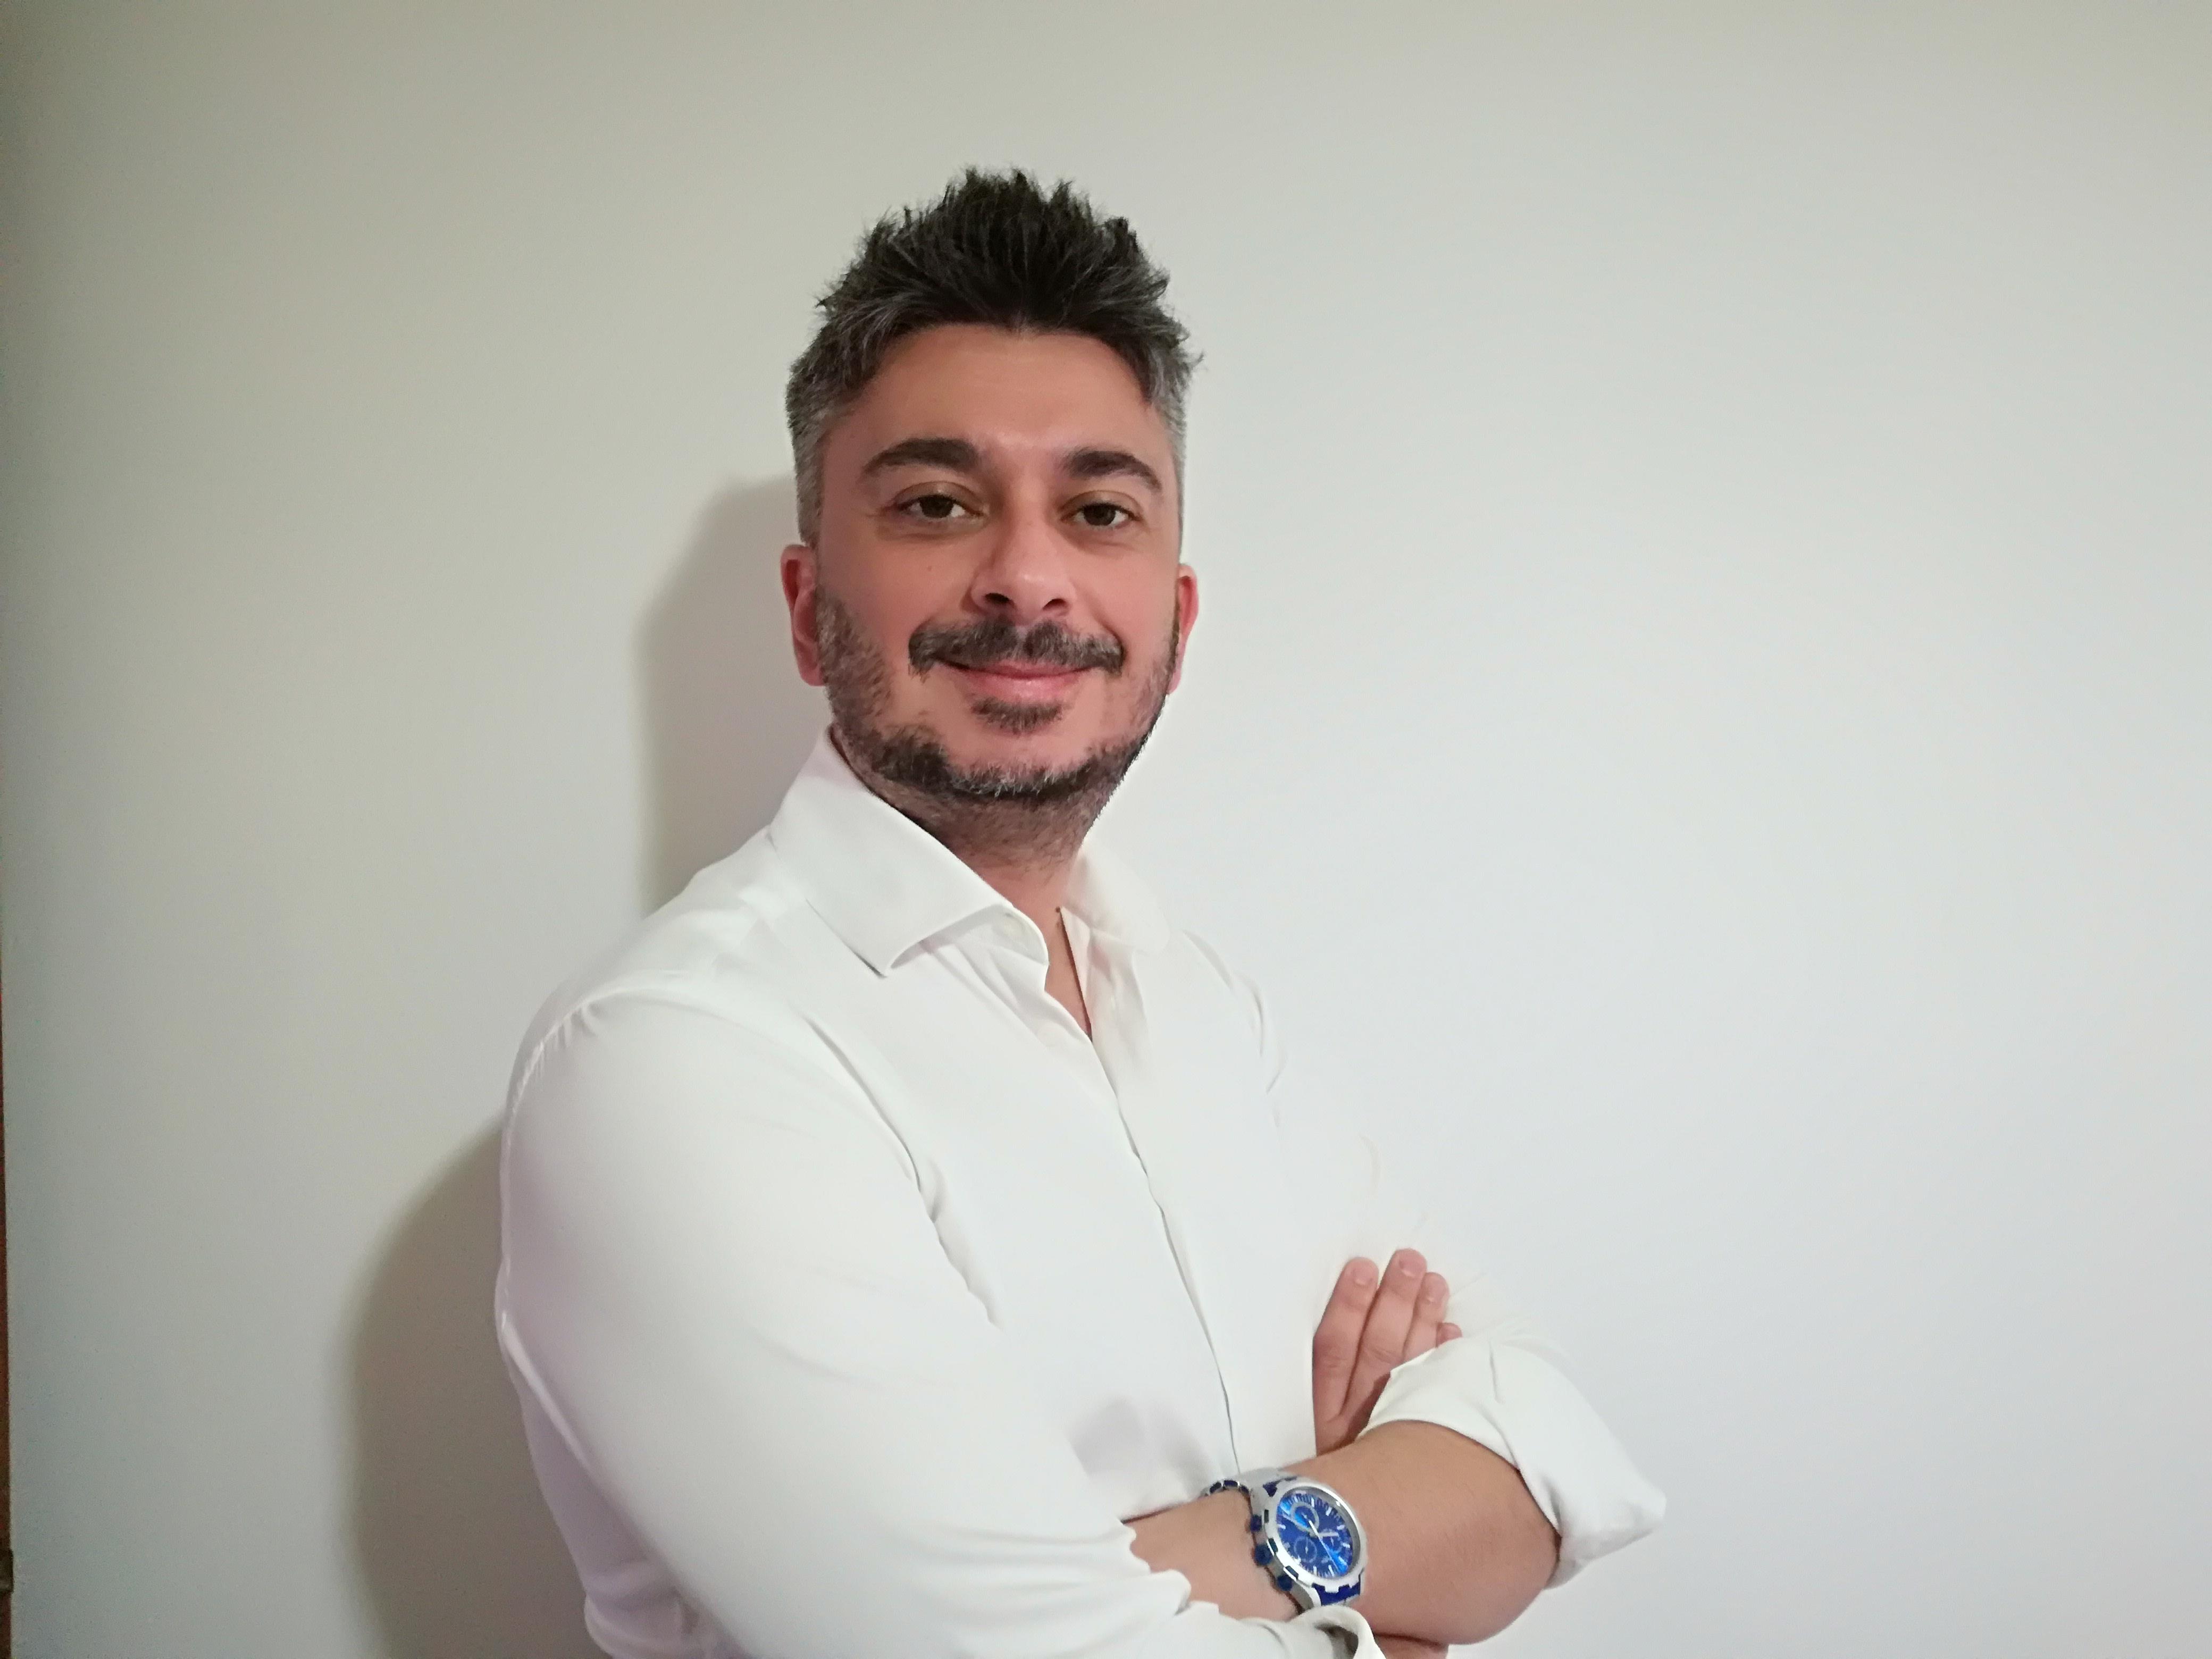 SERGIO DE NAPOLI WEBDESIGNER E GIORNALISTA